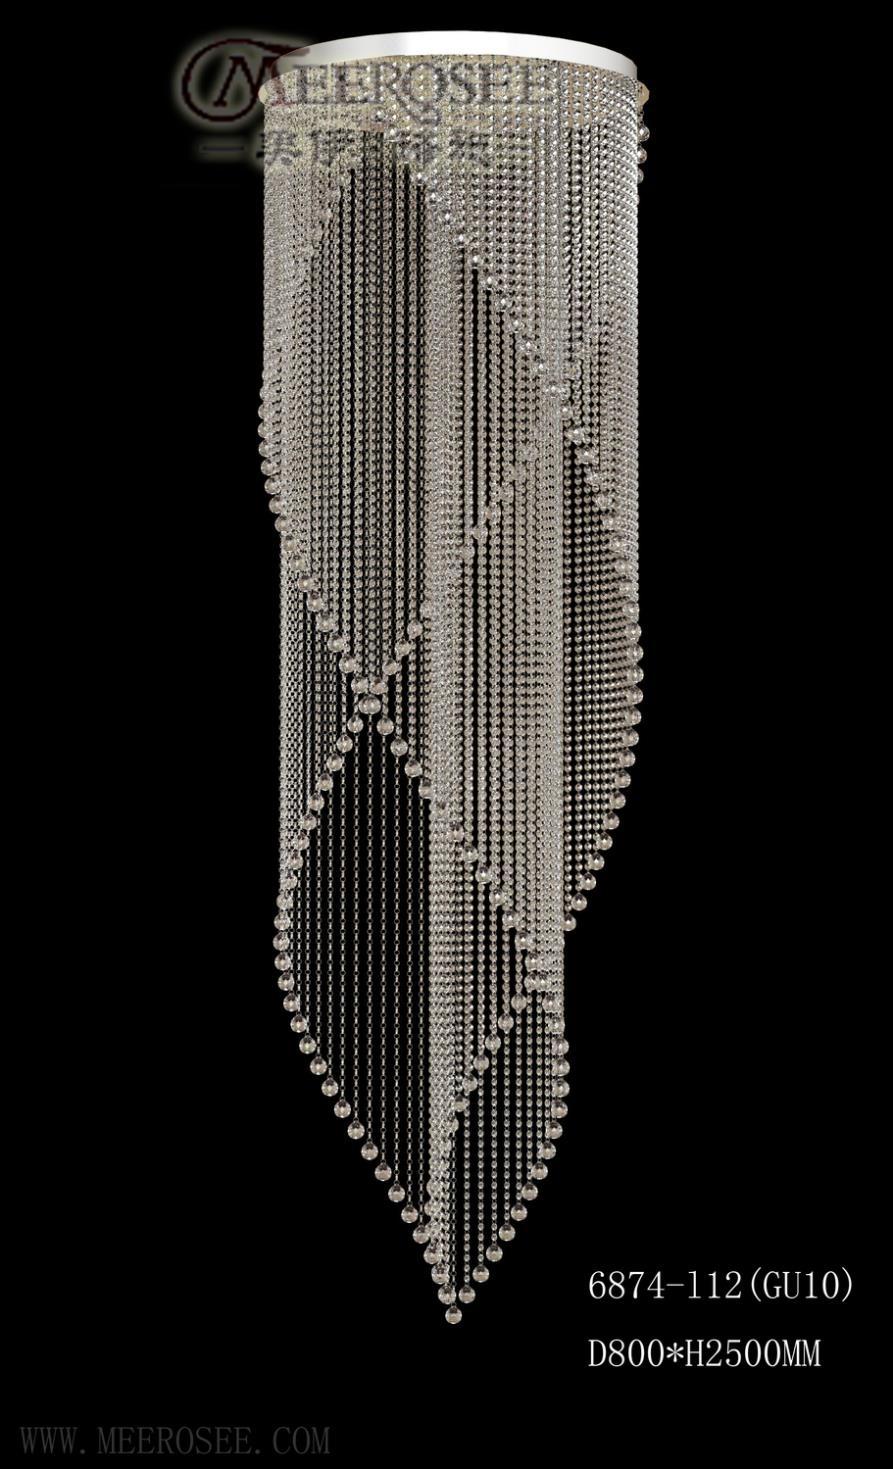 Crystal Lighting Fixtures Chandeliers Modern Crystal 6 Light Regarding Hallway Chandeliers (Image 11 of 25)